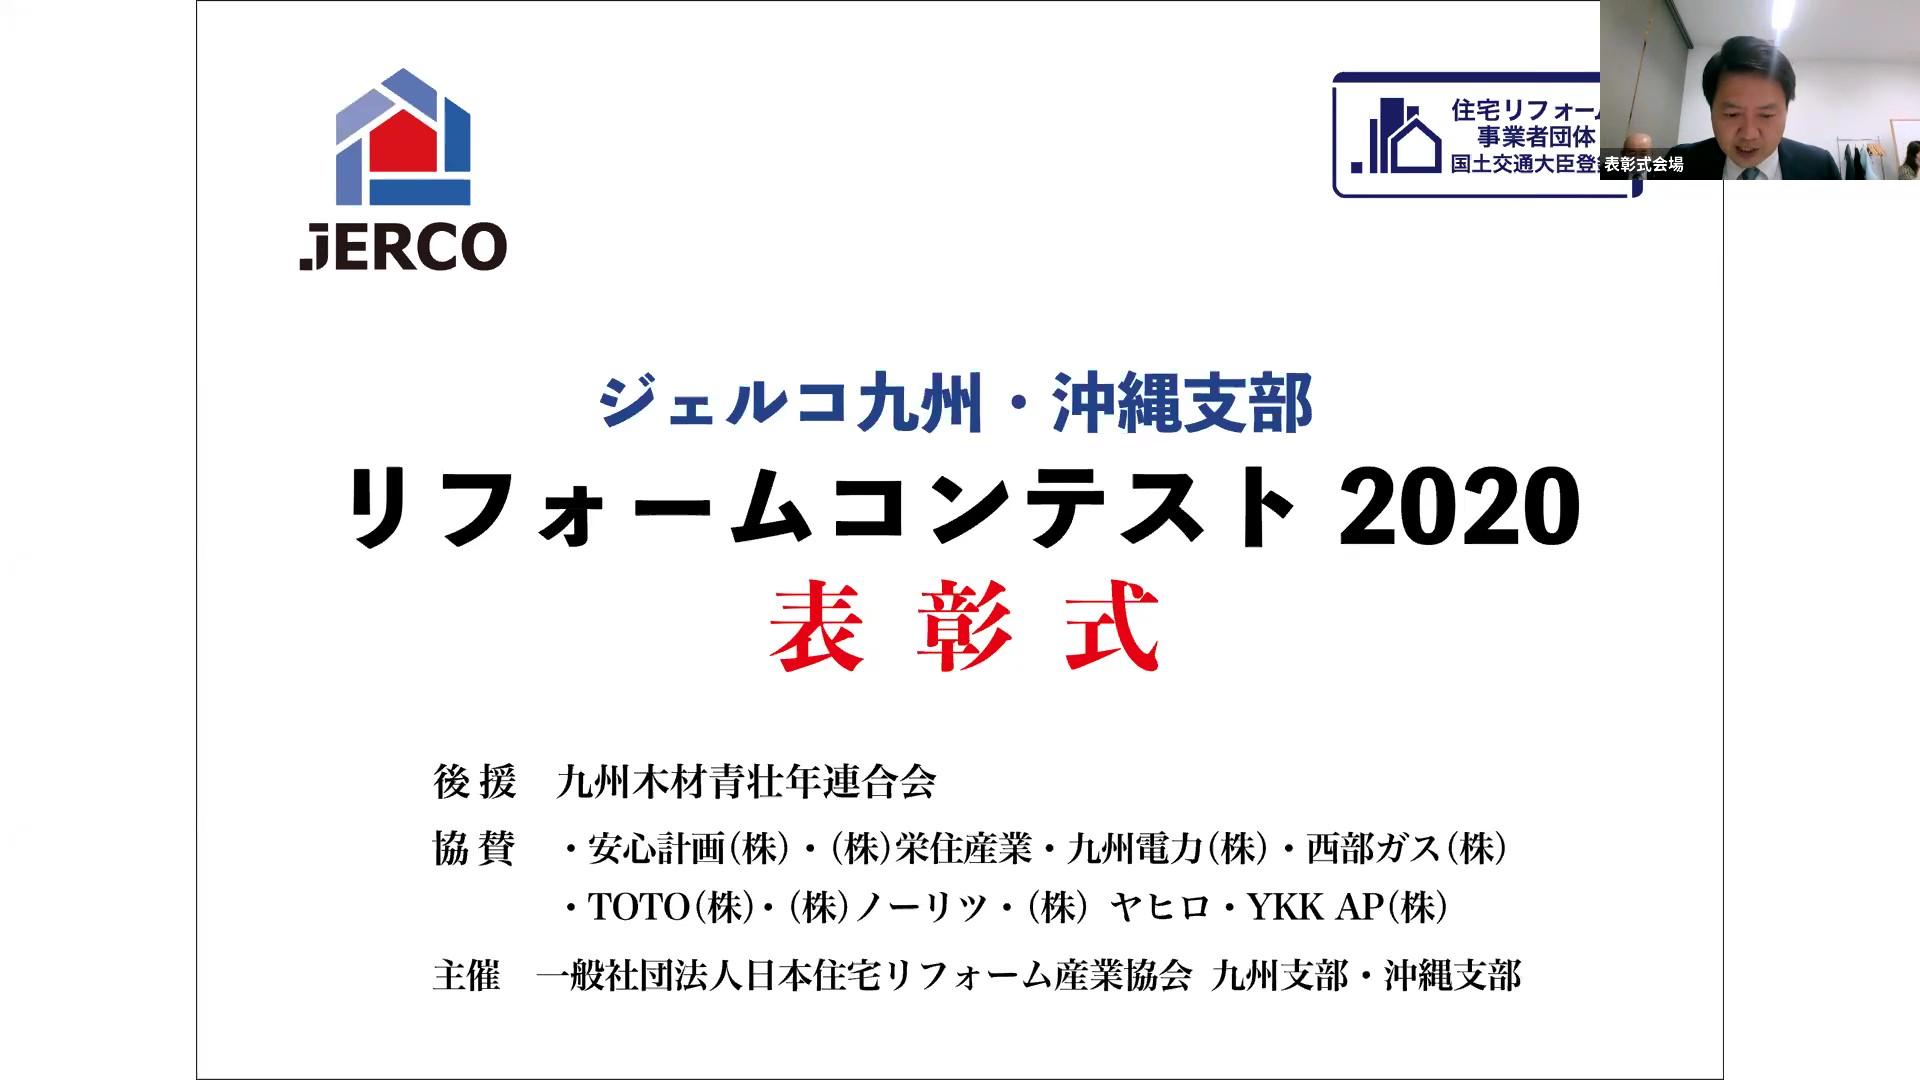 ジェルコリフォームコンテスト2020九州支部表彰式が開催されました